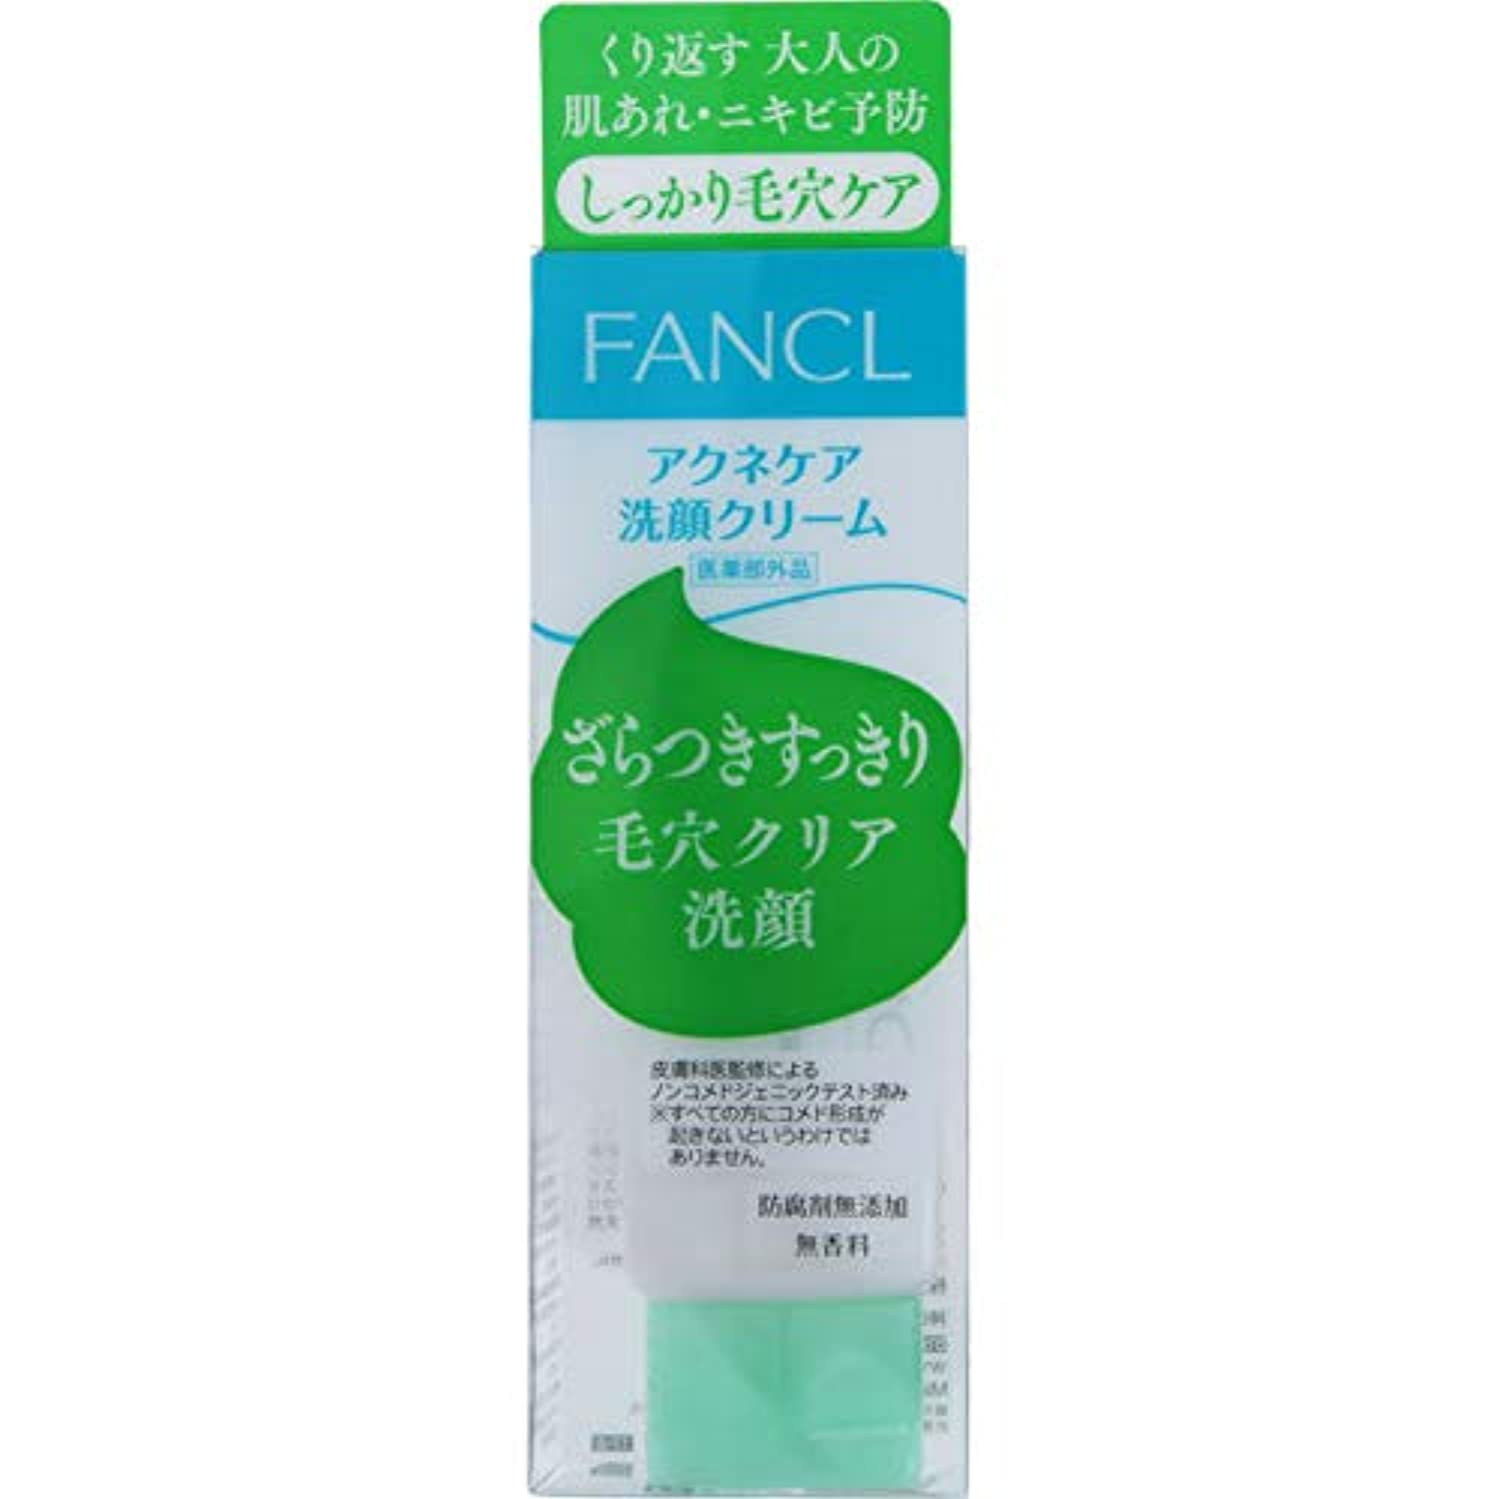 ジム競う累計ファンケルアクネケア洗顔クリーム 90g